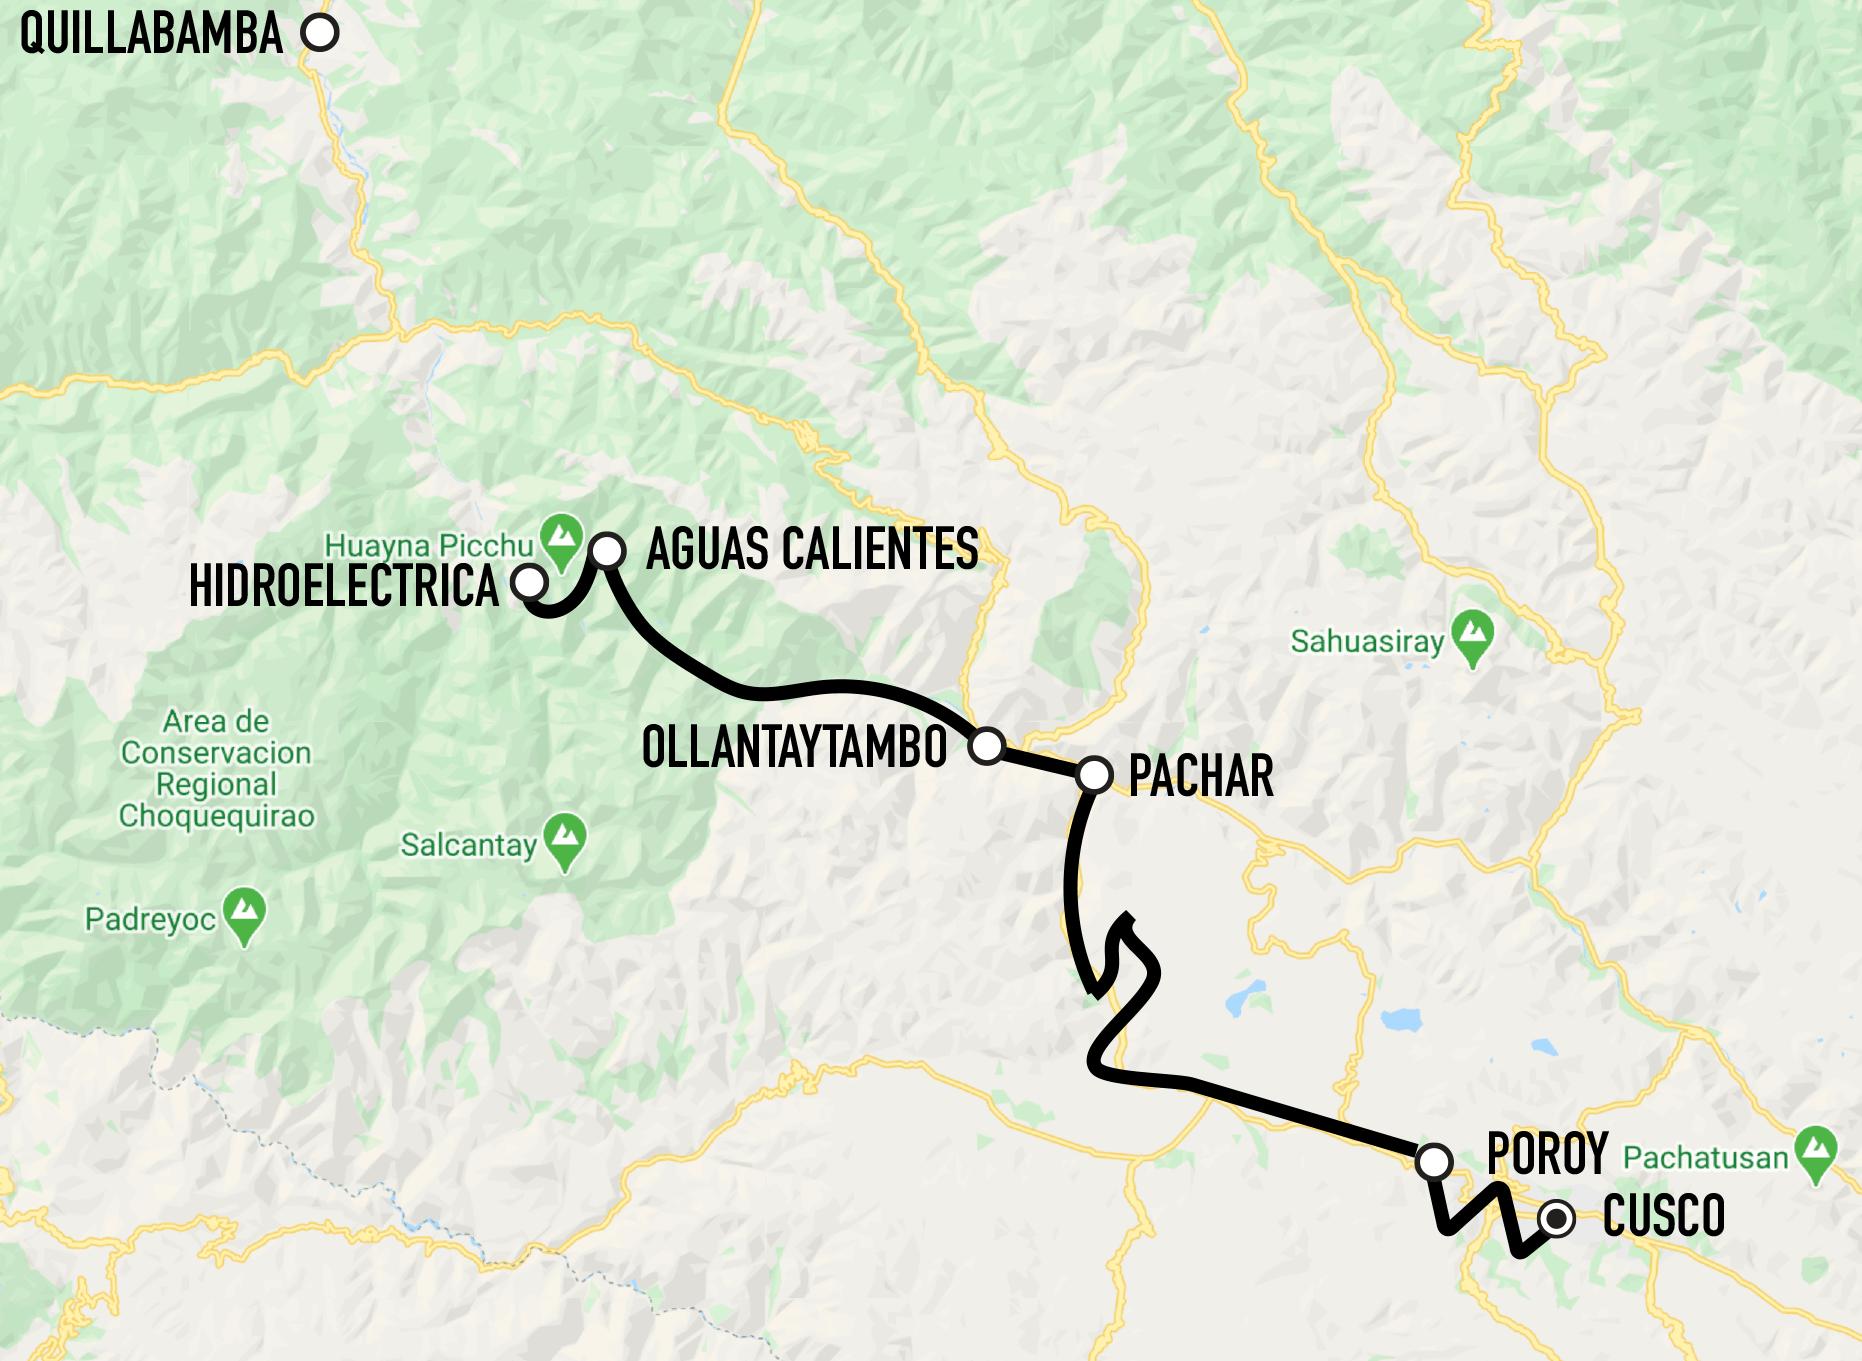 Ferrocarril Santa Ana - Railroad Cusco - Pachar - Aguas Calientes - Hidroelectrica